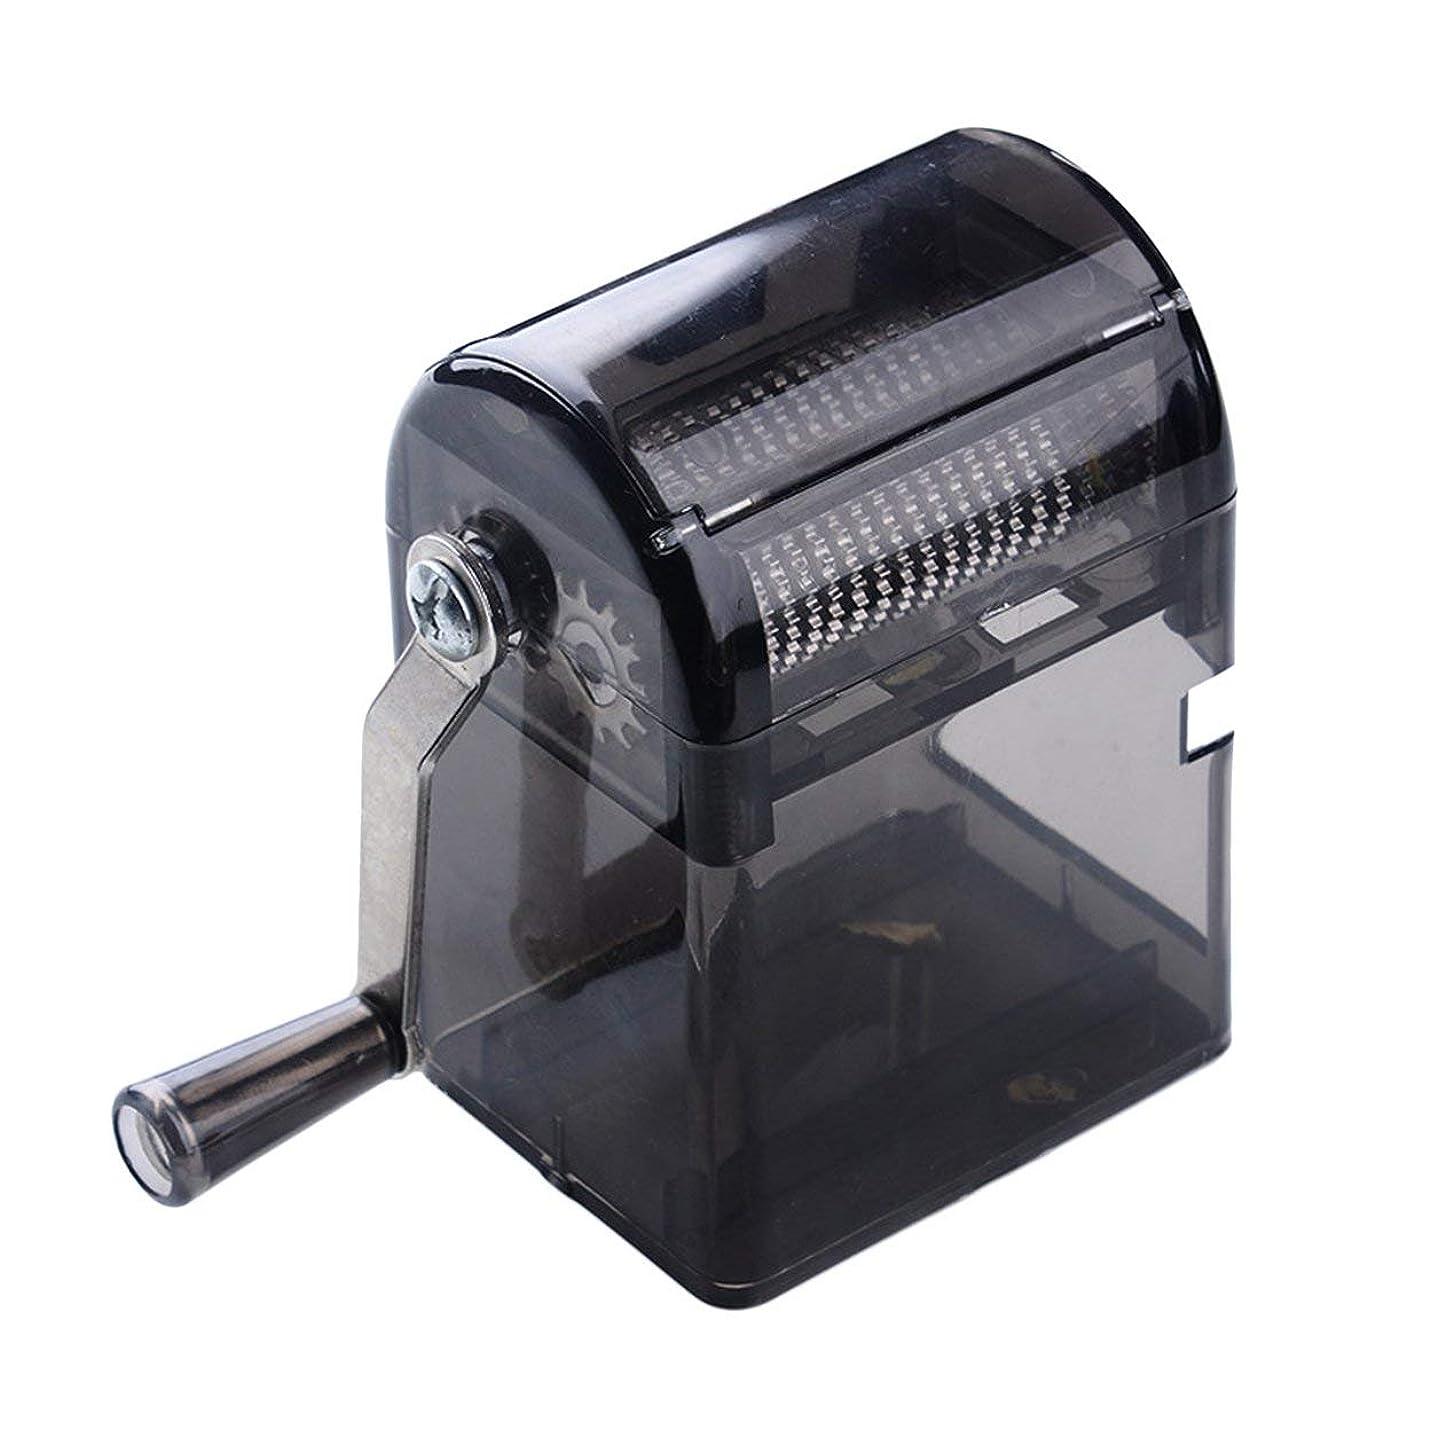 緯度売上高折Saikogoods シンプルなデザイン手回しタバコグラインダー耐久性のある利用タバコハーブスパイスクラッシャーマニュアルミュラータバコ用品 黒